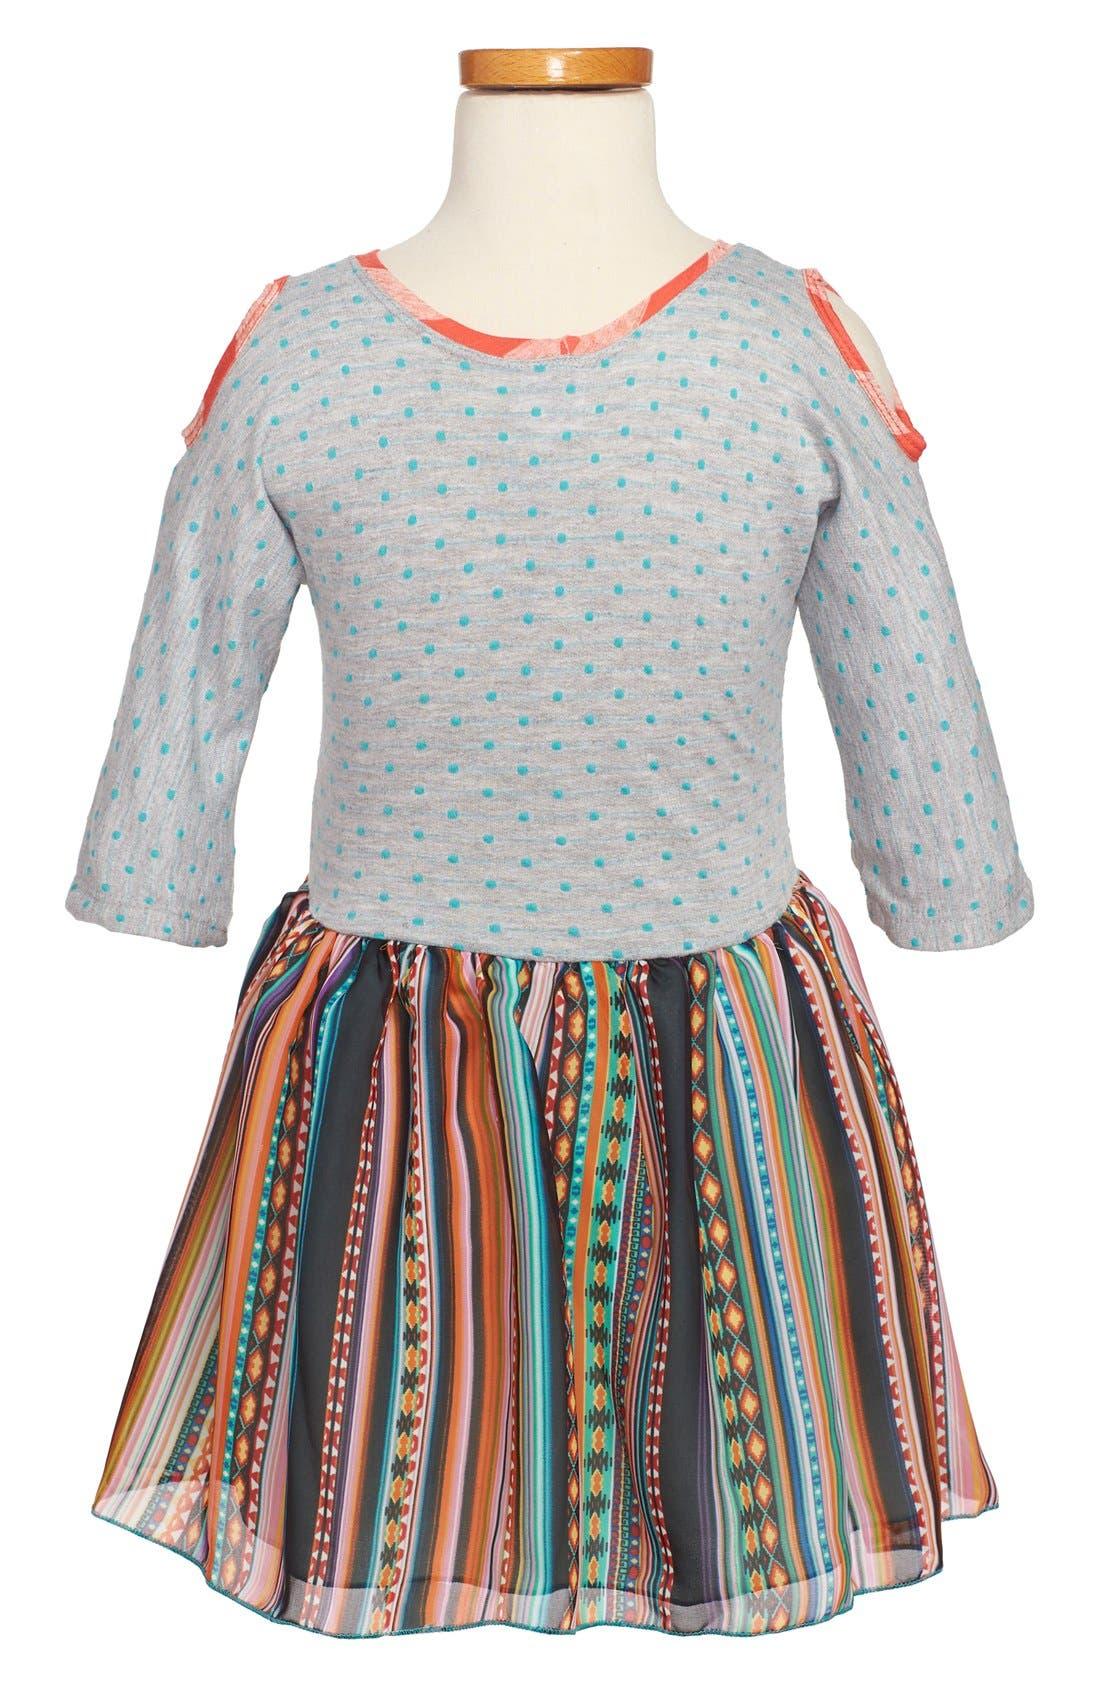 Alternate Image 2  - Twirls & Twigs Knit-to-Woven Mixed Print Dress (Little Girls & Big Girls)